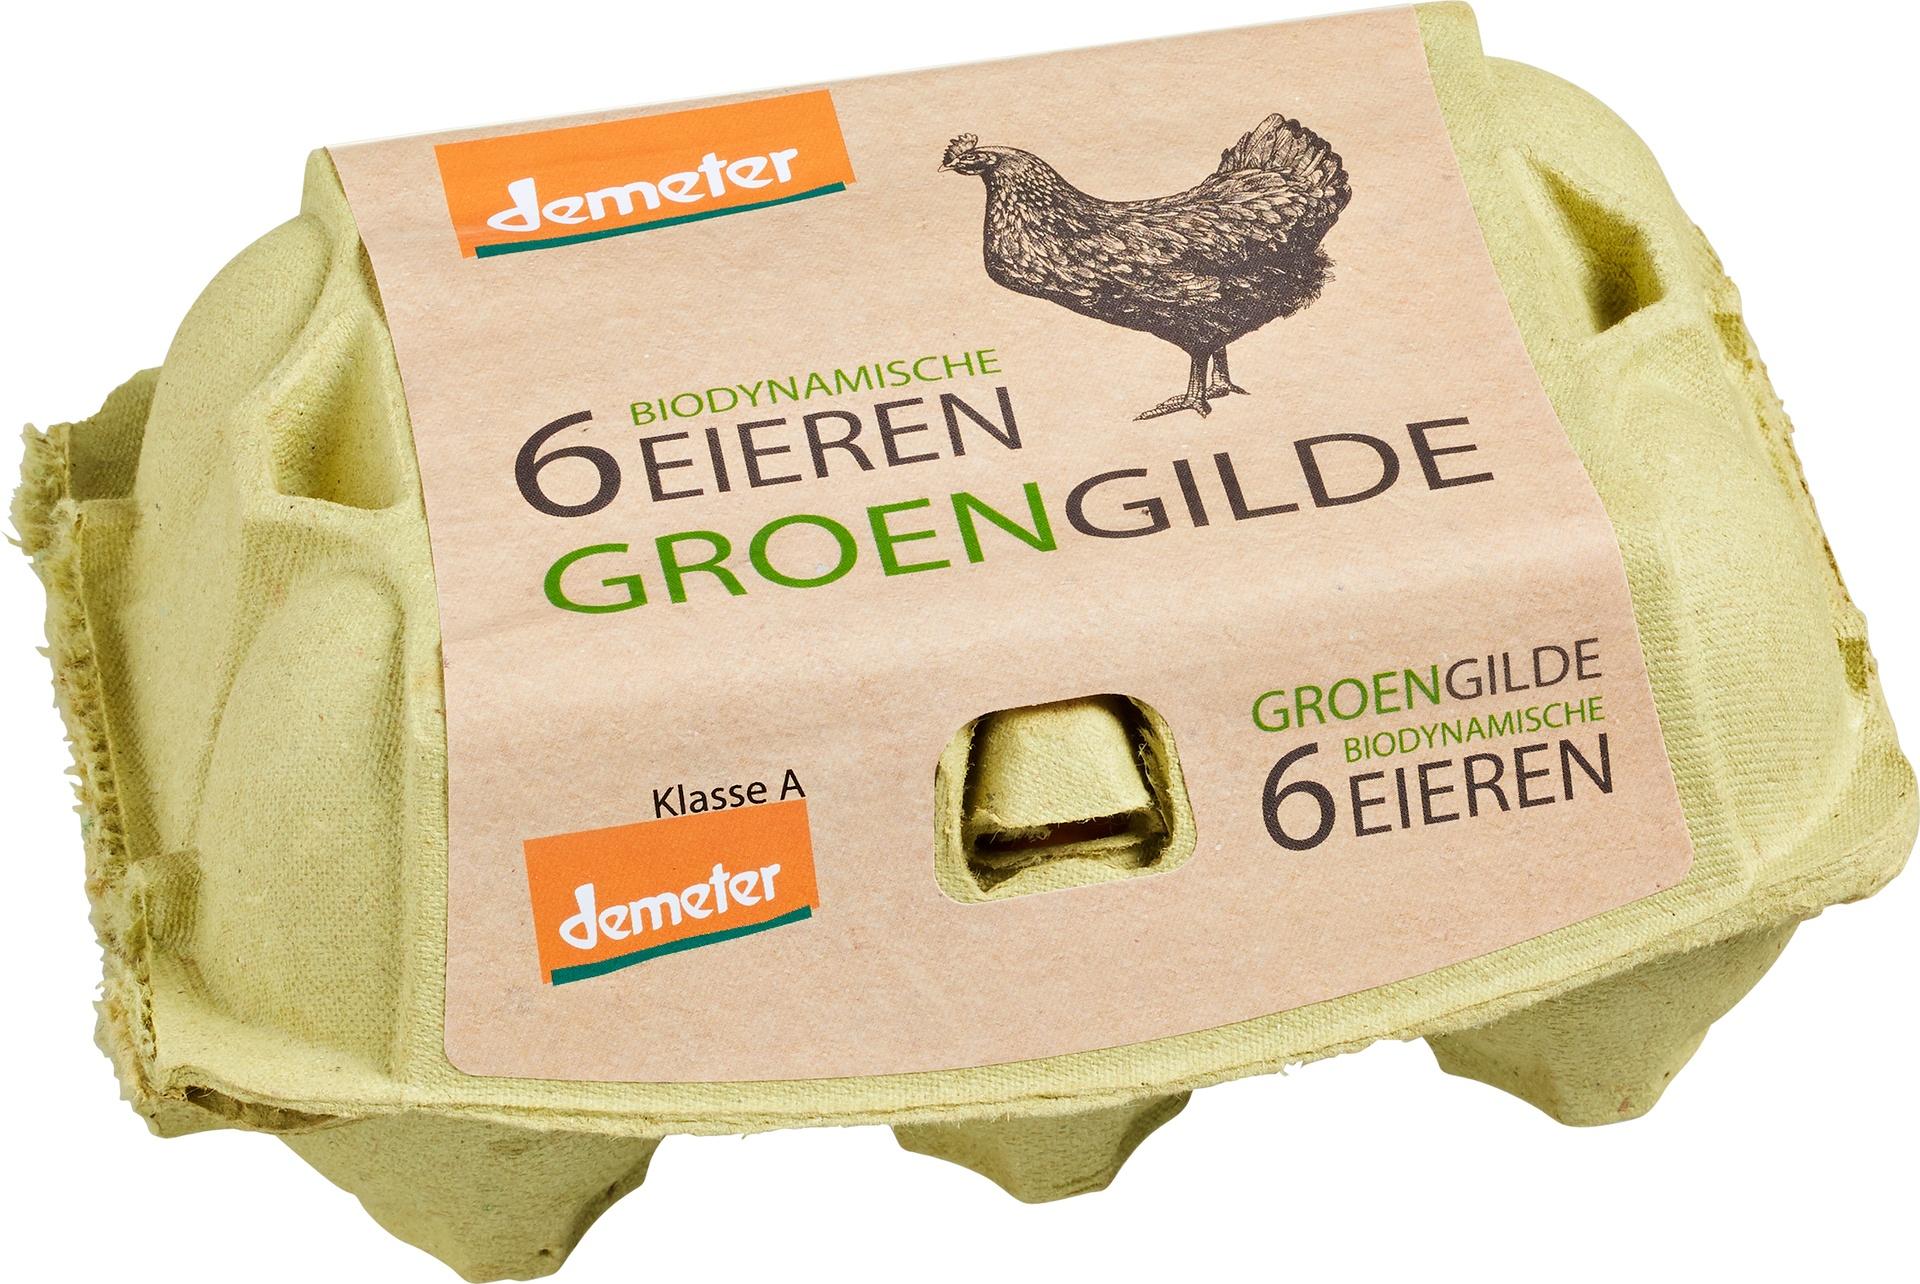 Biologische Groengilde Eieren 6 st